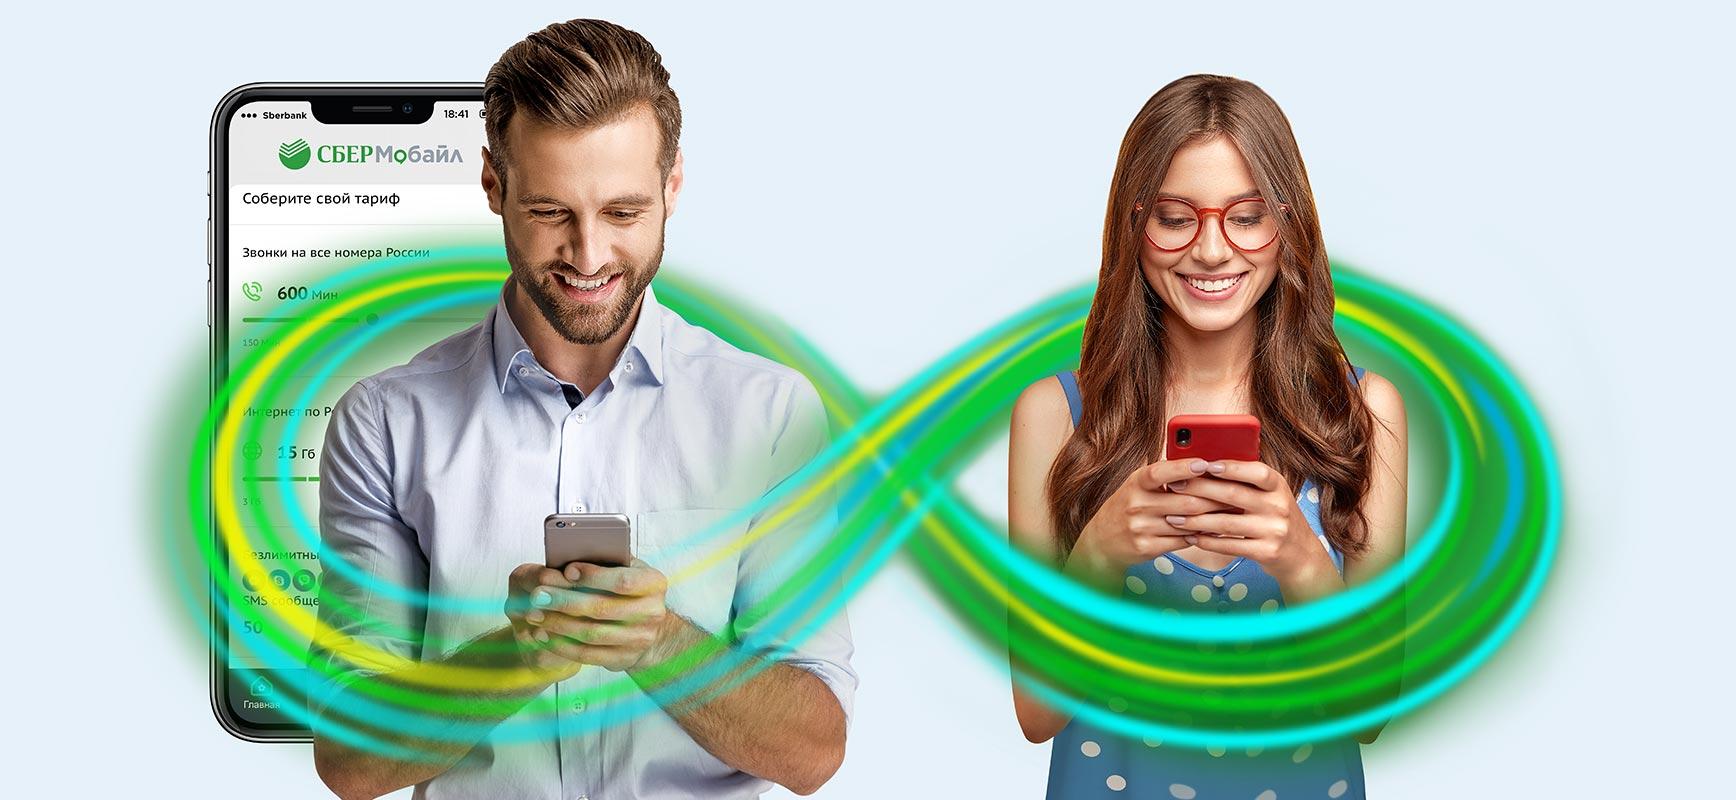 СберМобайл запустил сеть в Красноярском крае и Новосибирской области 1